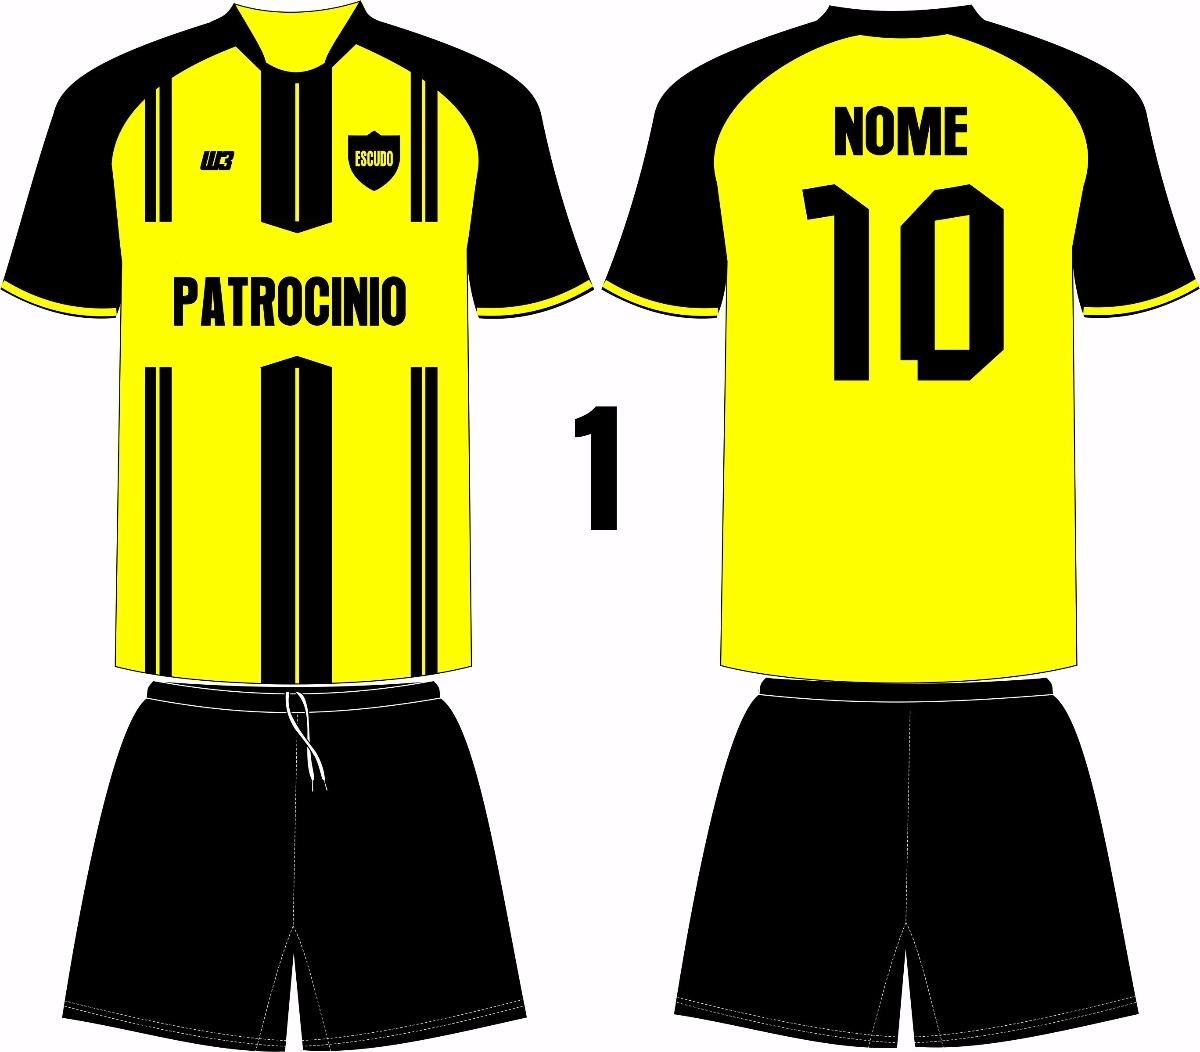 922dbf85bd jogo 18 camisas 18 calções personalizado futebol c dry sport. Carregando  zoom.